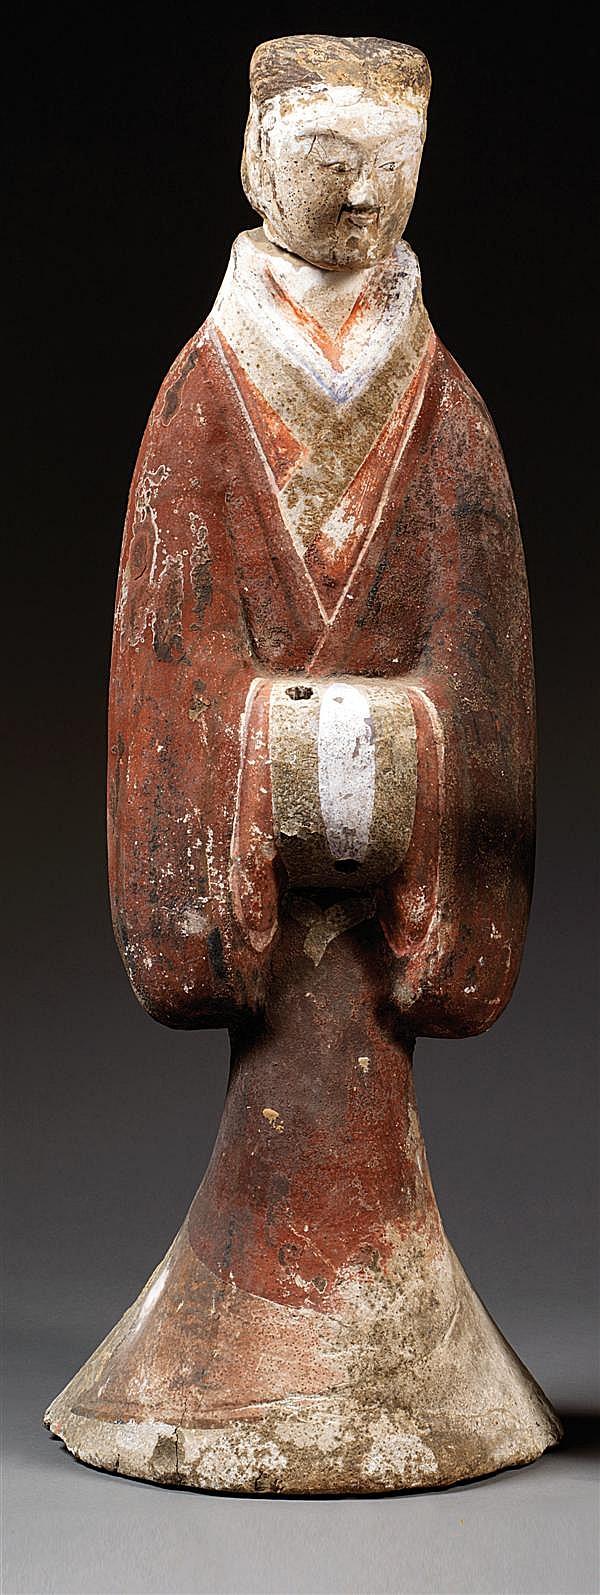 GRAND MINGQI en terre cuite et engobes rouge, blanc et noir, représentant un homme de cour, enveloppé dans un ample vêtement, les mains